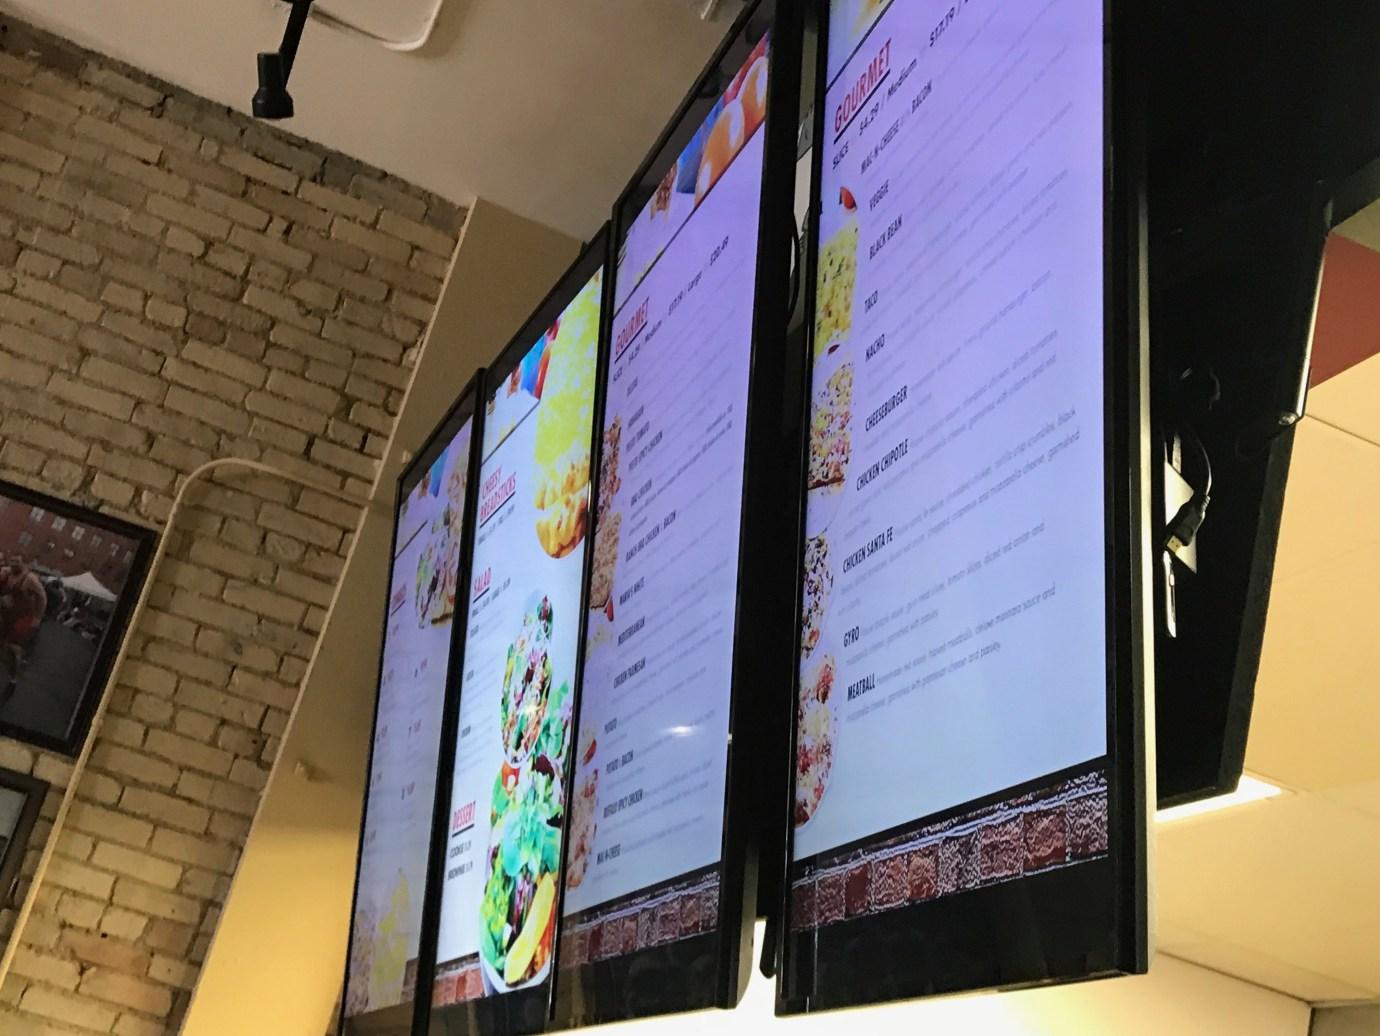 Digital Menu Board in a quick service restaurant